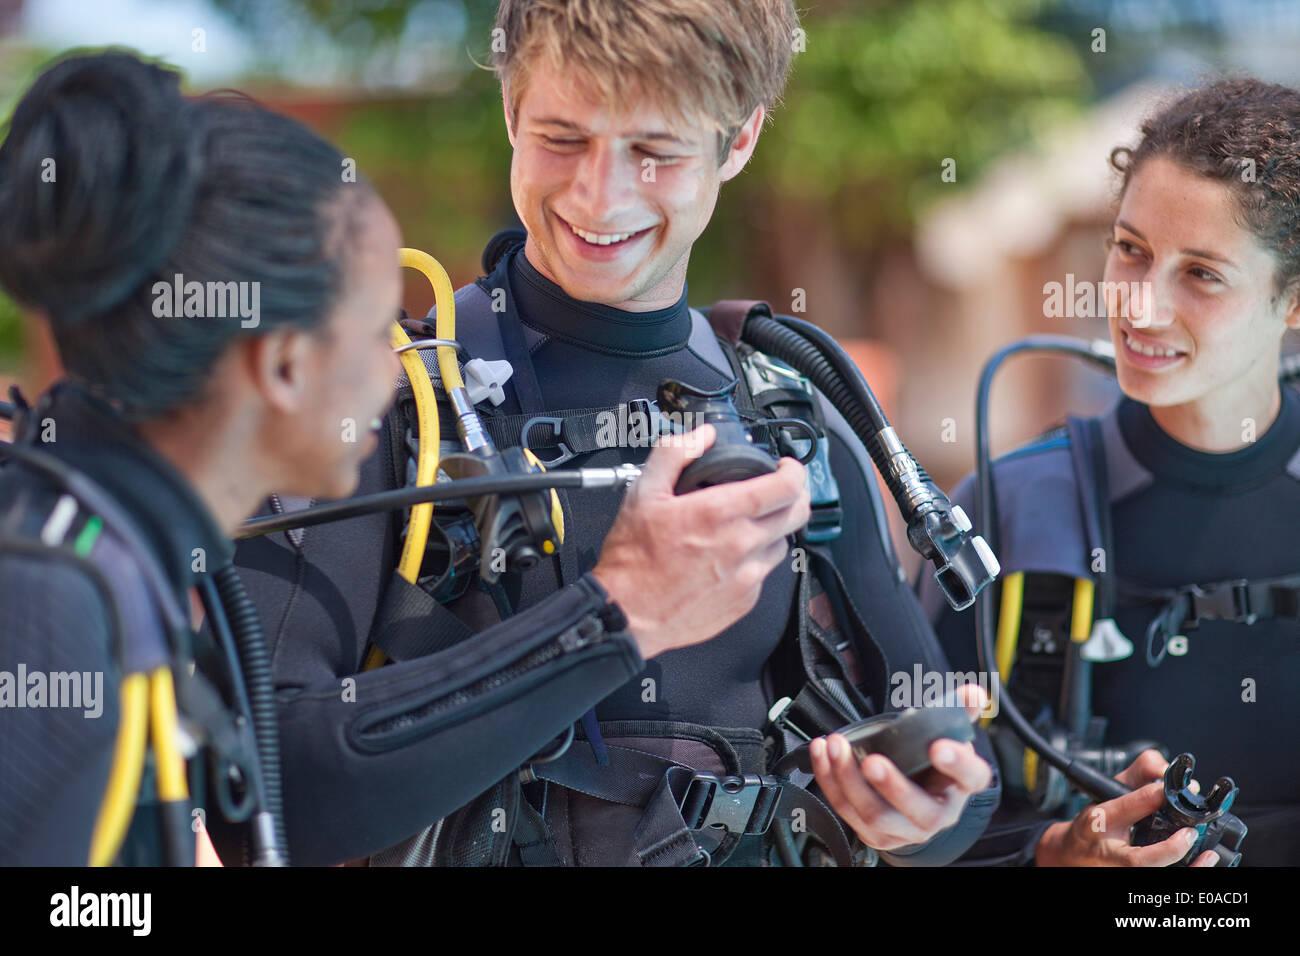 Moniteur de plongée masque à oxygène pour démontrer les filles Photo Stock